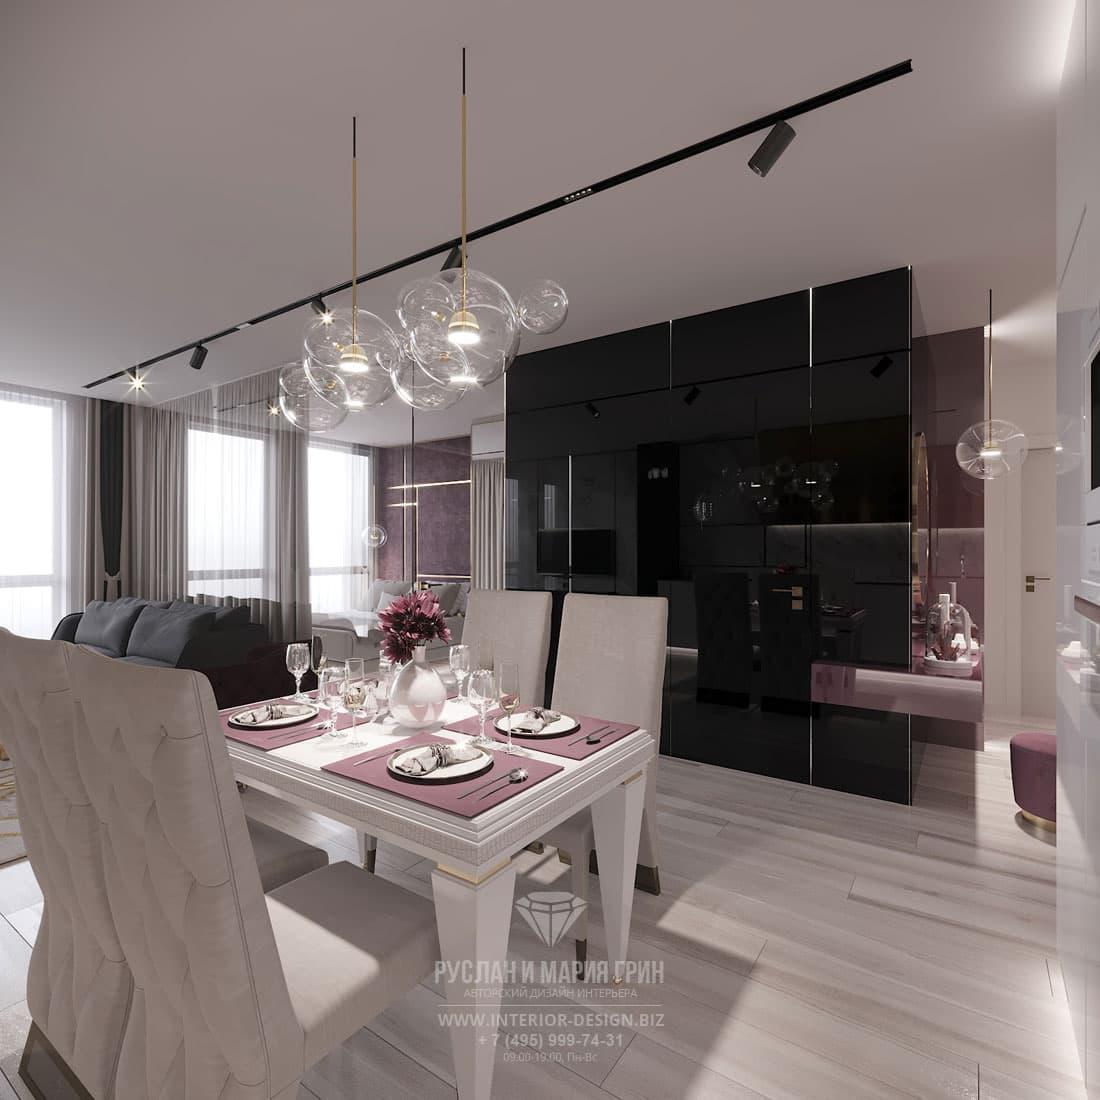 Современная столовая в интерьере просторной гостиной